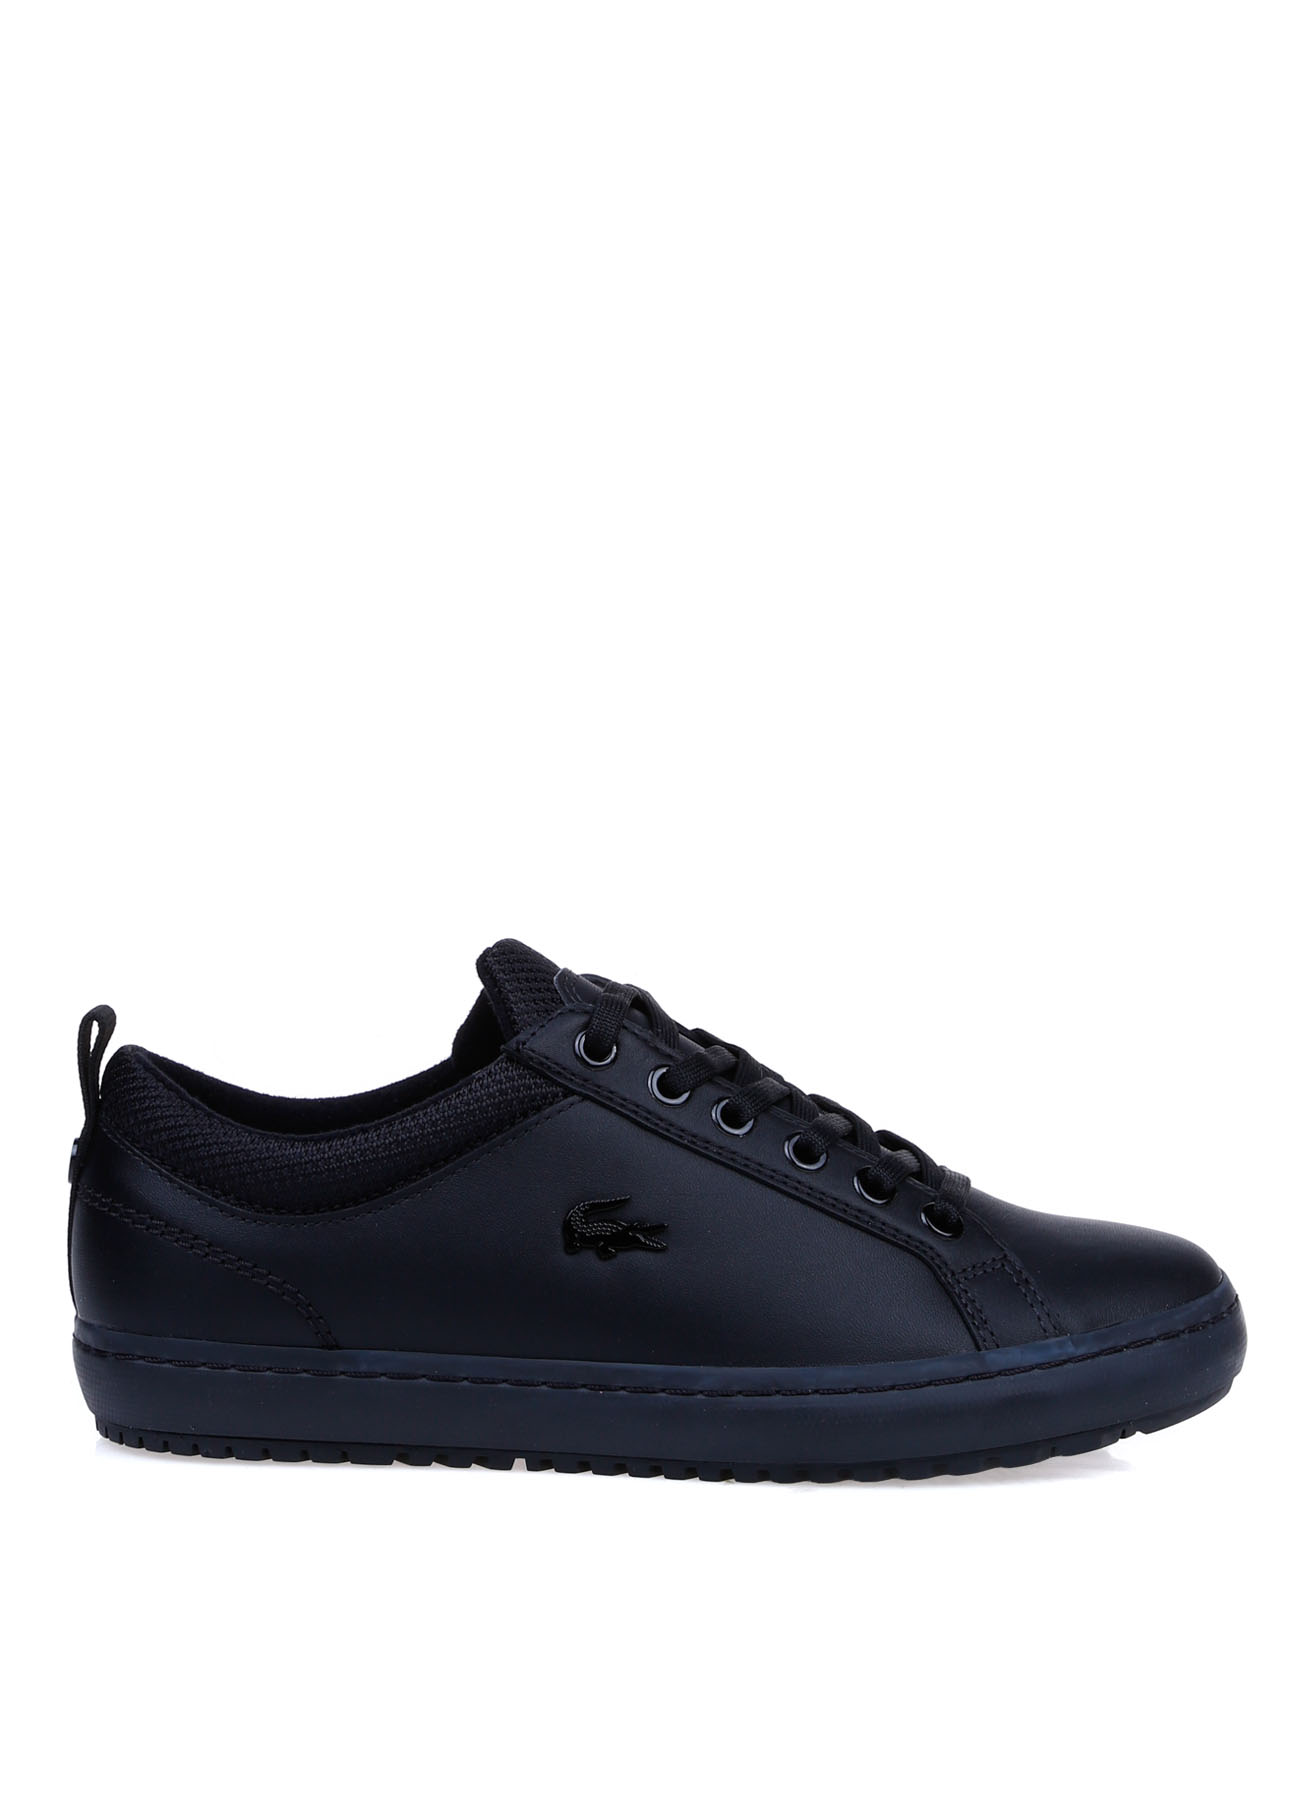 Lacoste Erkek Deri Lacivert Sneaker 36 5002312555001 Ürün Resmi